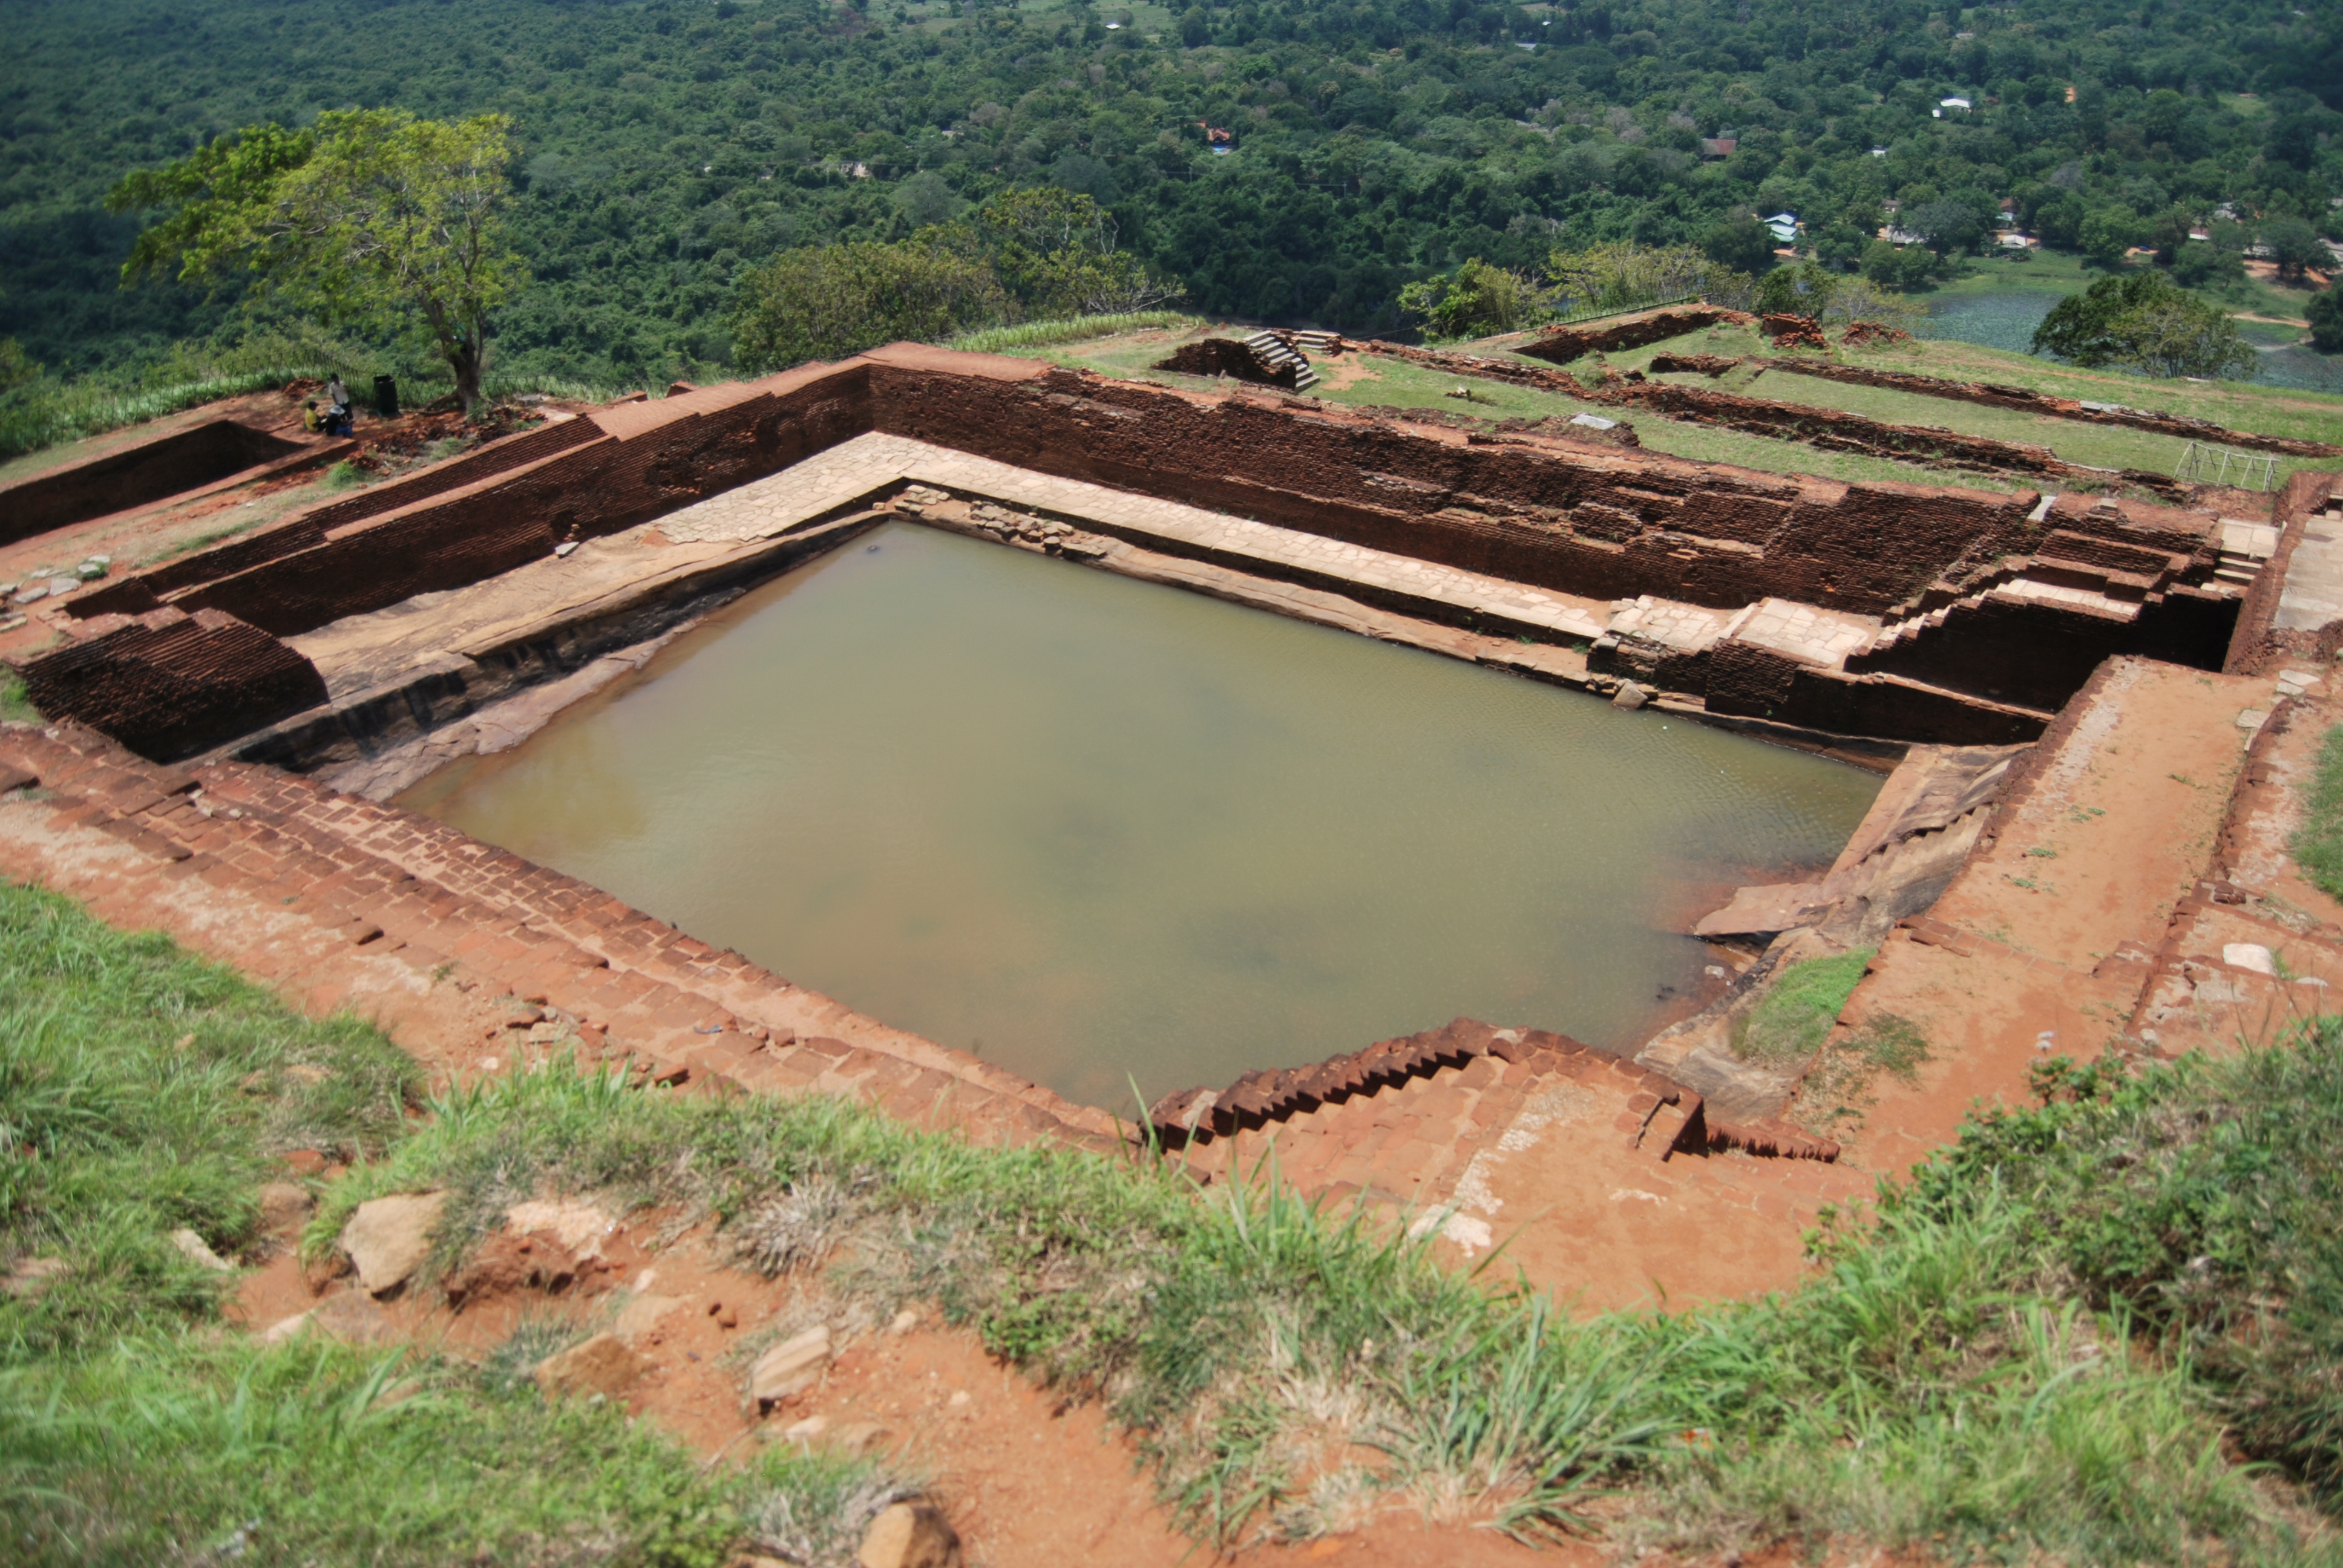 Víztározó a Sigiriya egyik teraszán